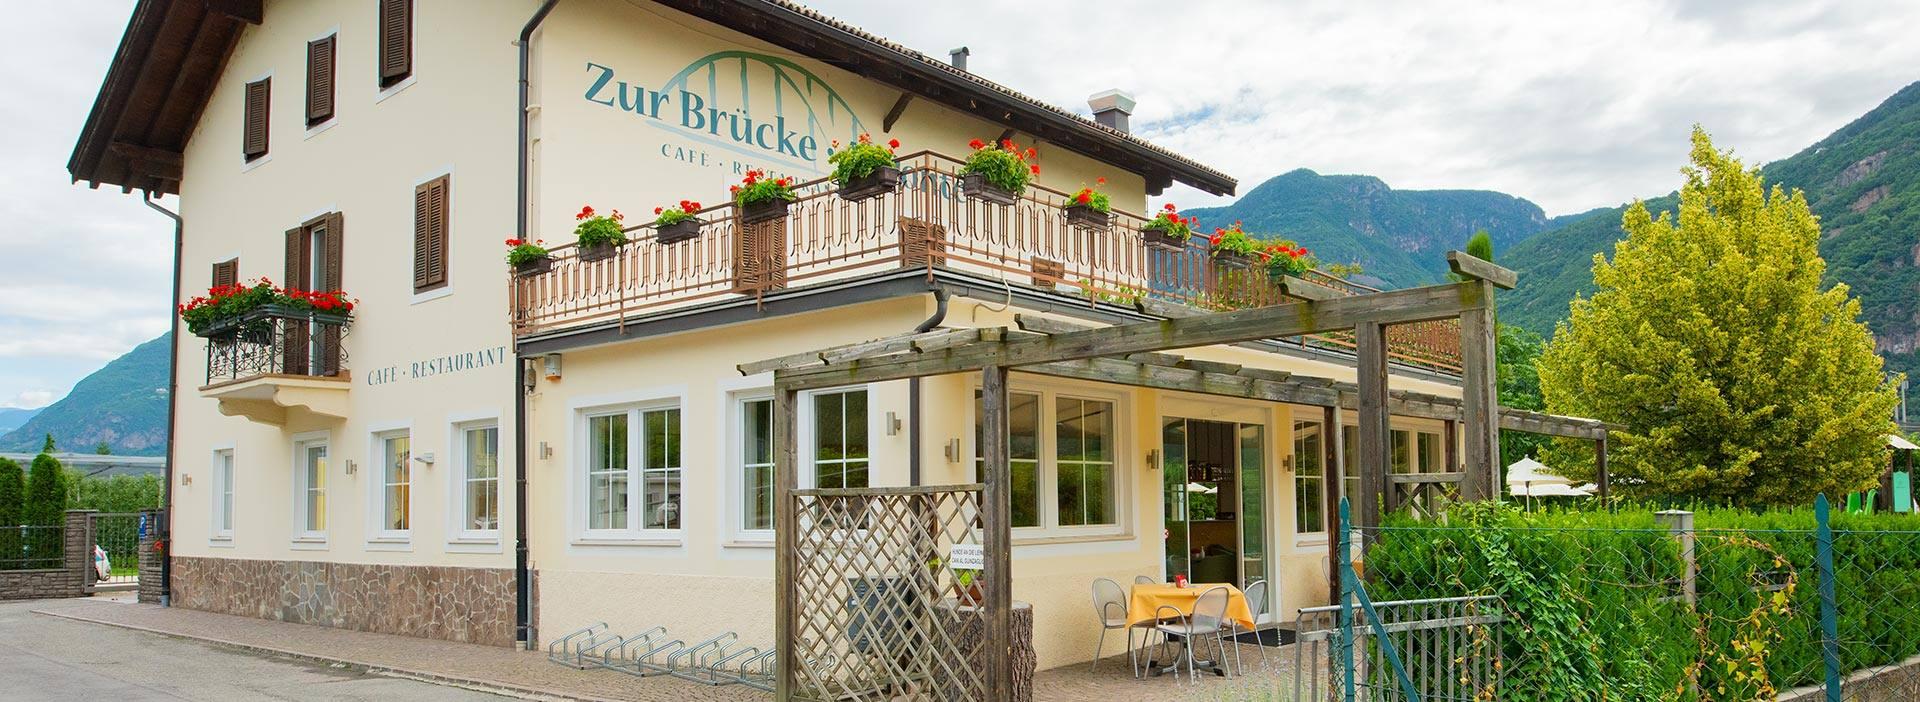 Restaurant Zur Brücke